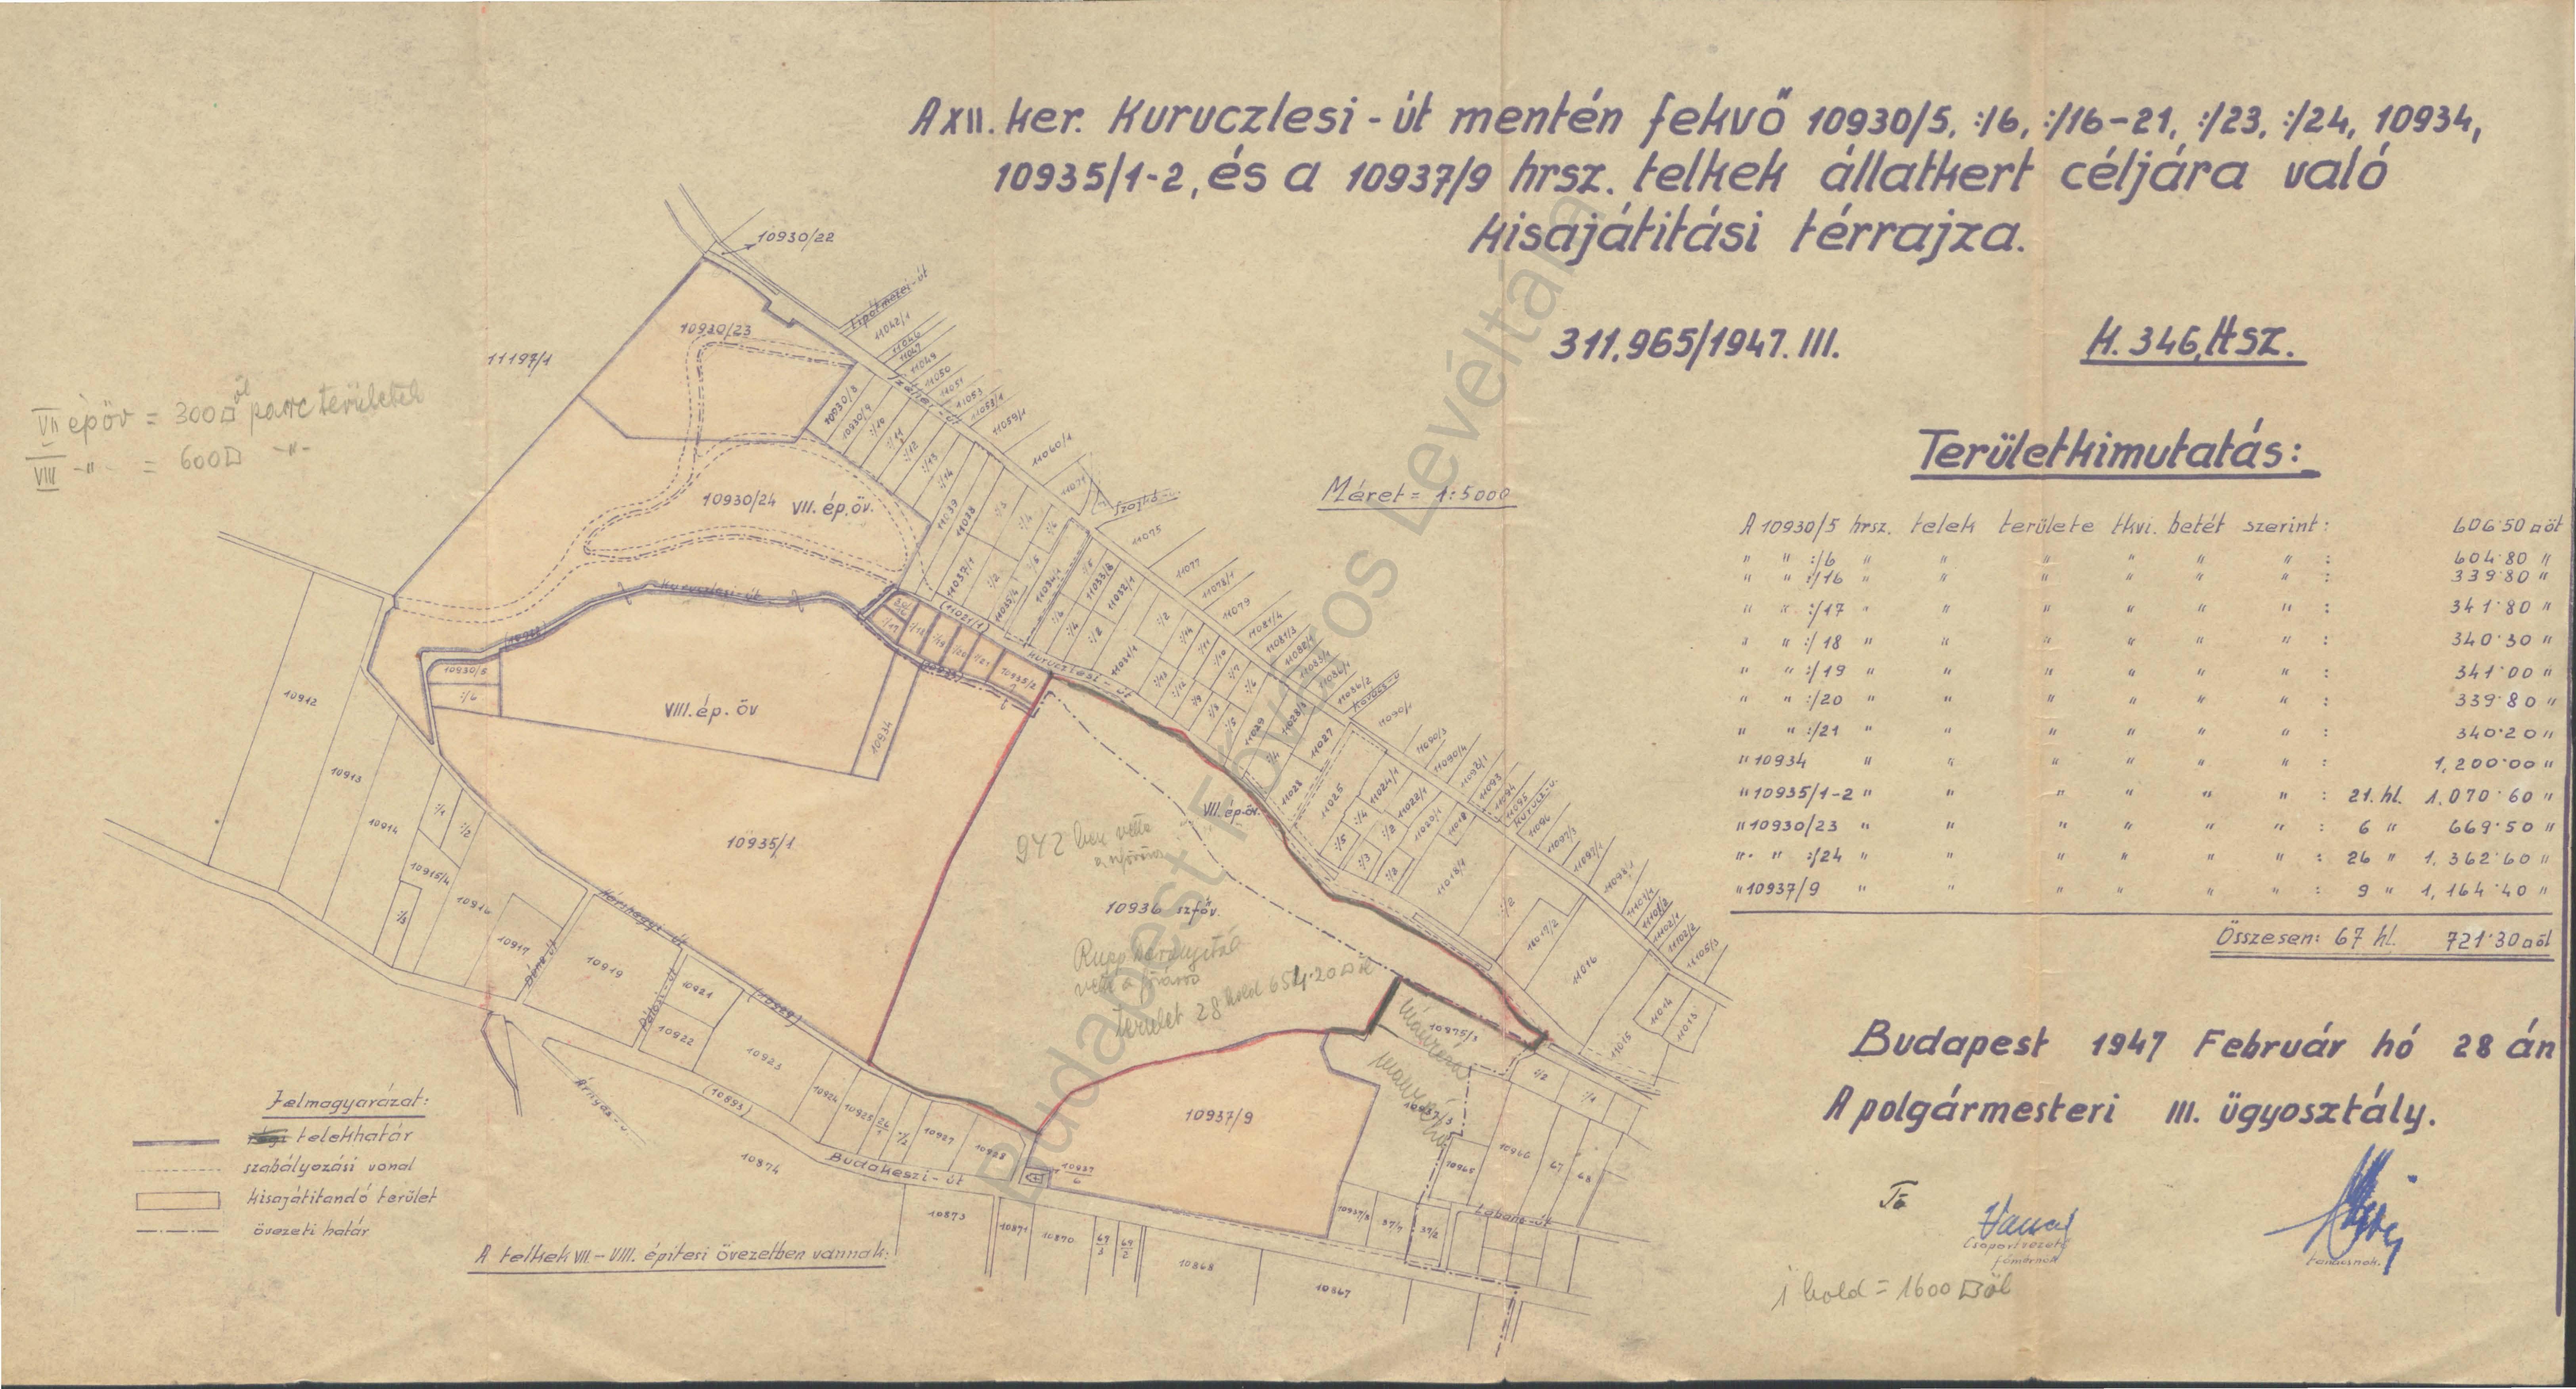 3. kép. Az új állatkert helyének szánt terület részletes térrajza 1947-ben (HU BFL IV.1409.c XI. 1256/1945)